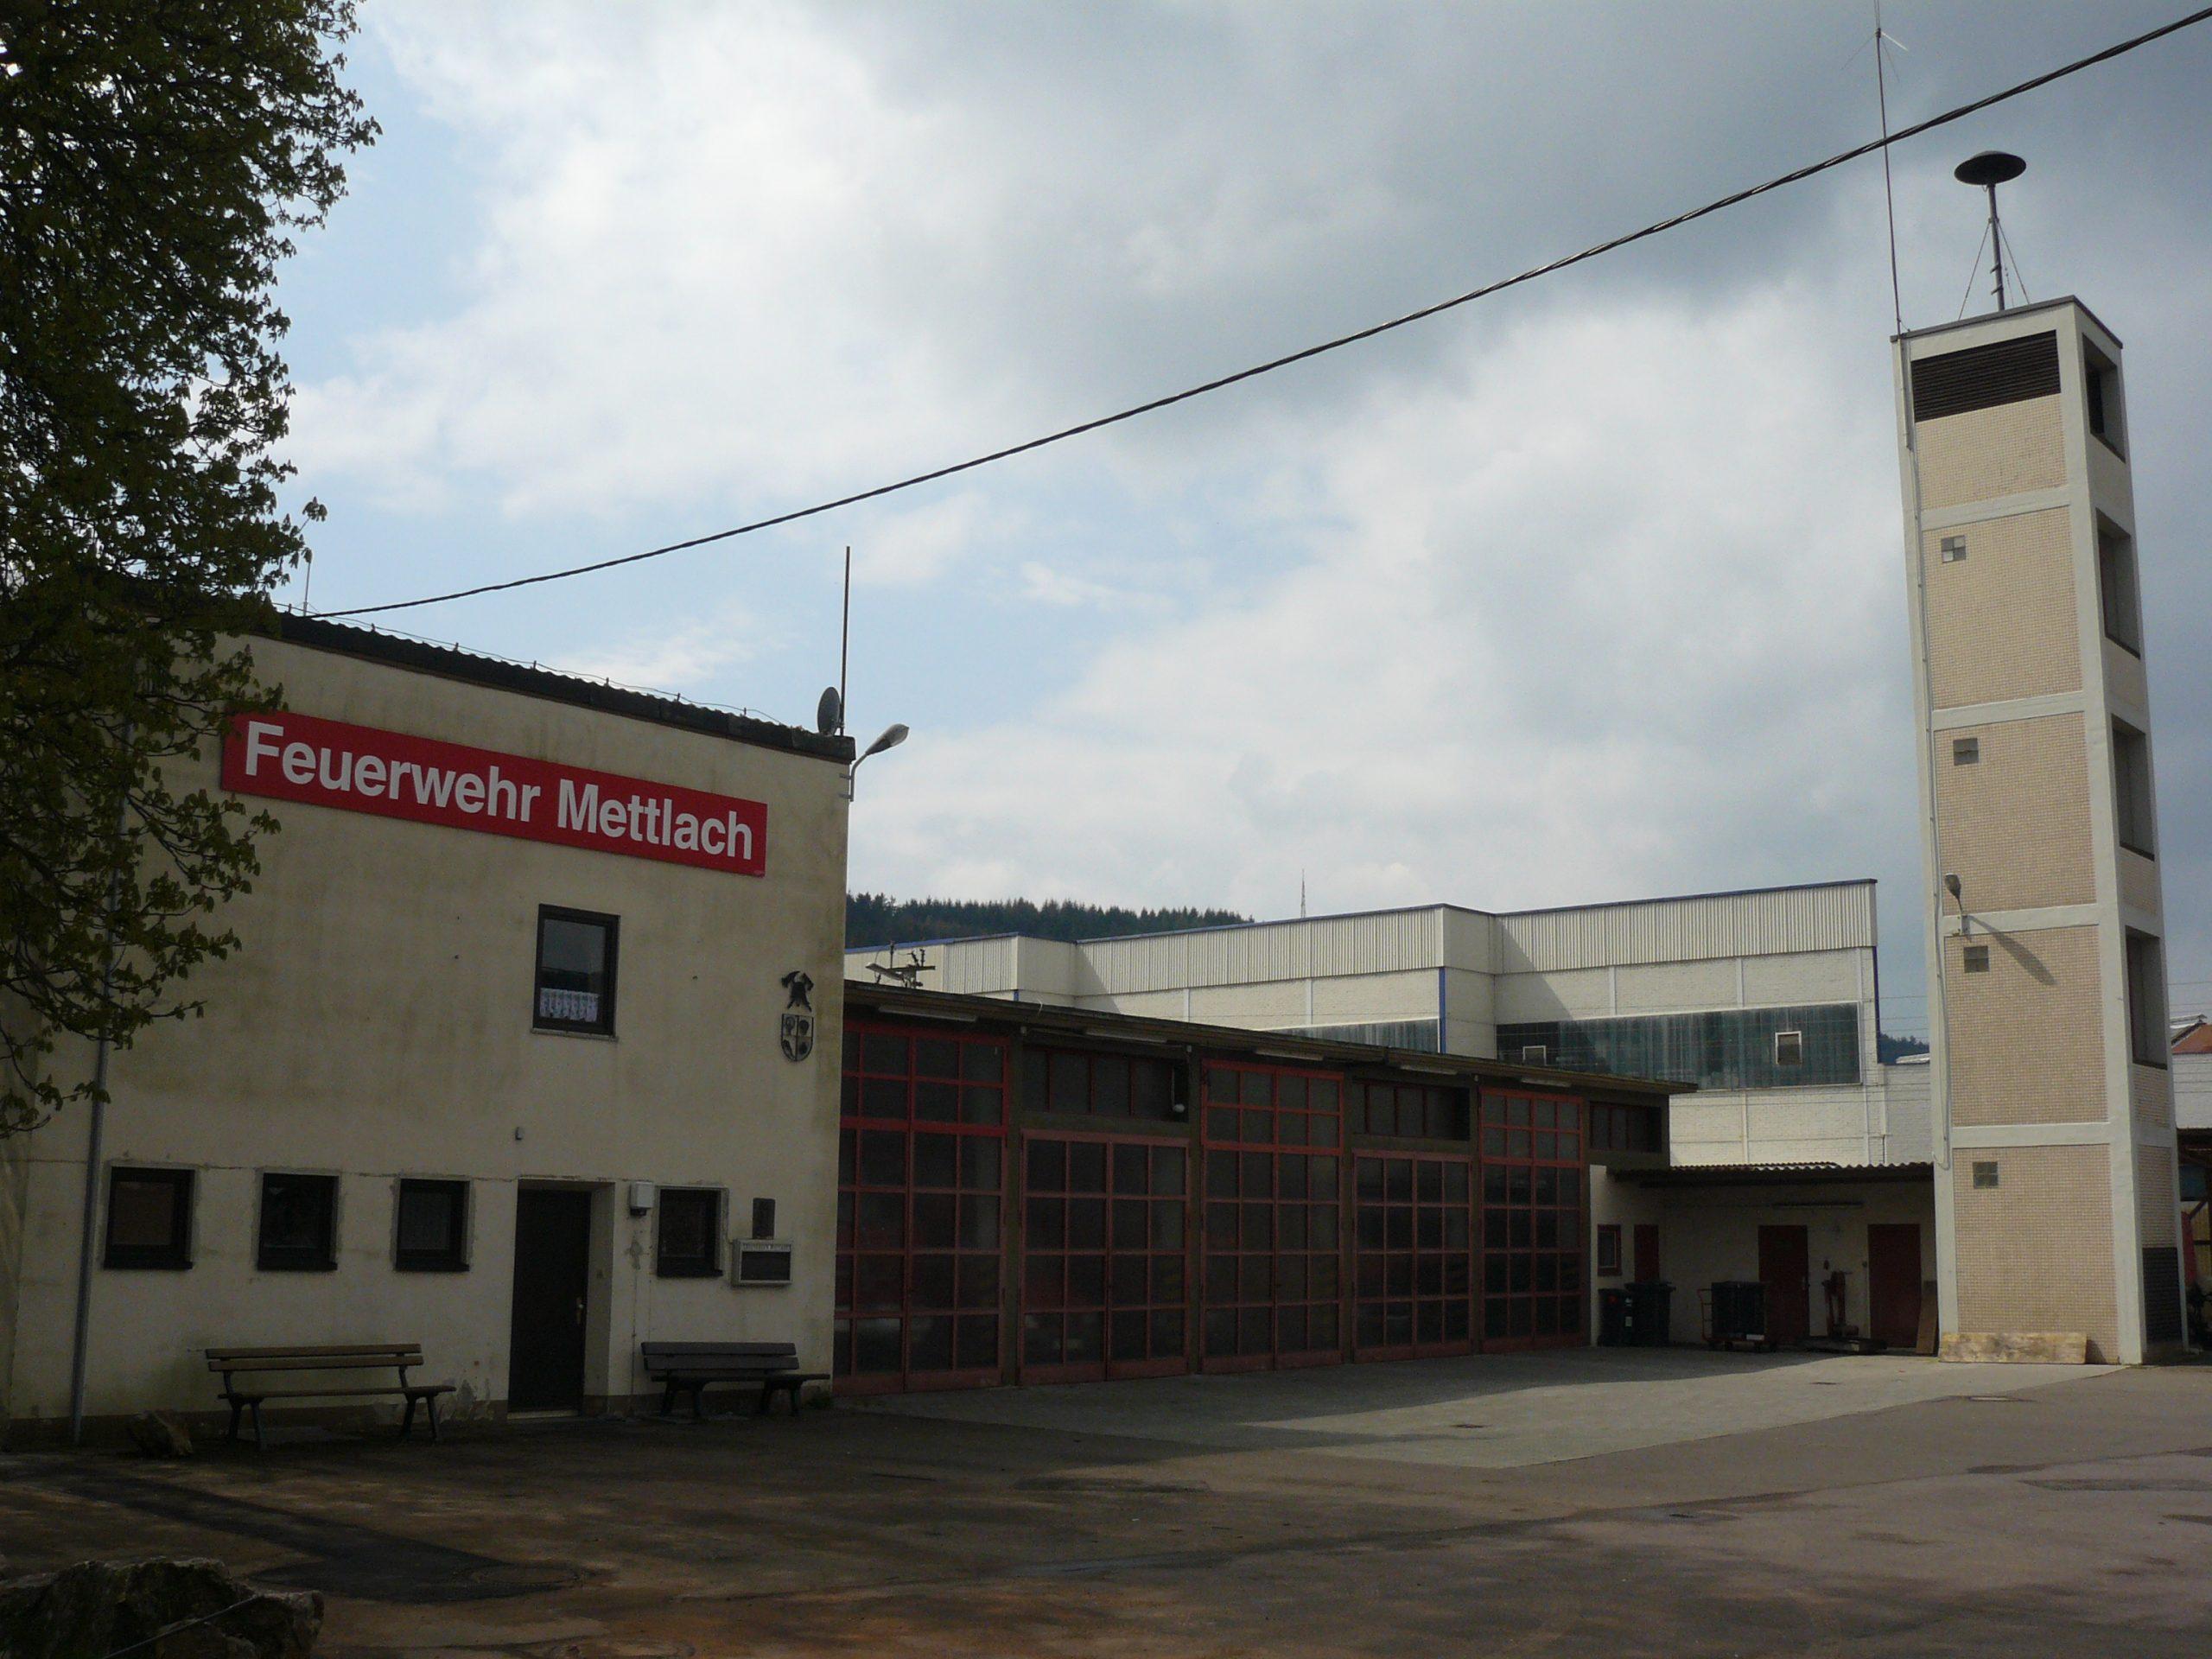 Feuerwehrgerätehaus Mettlach